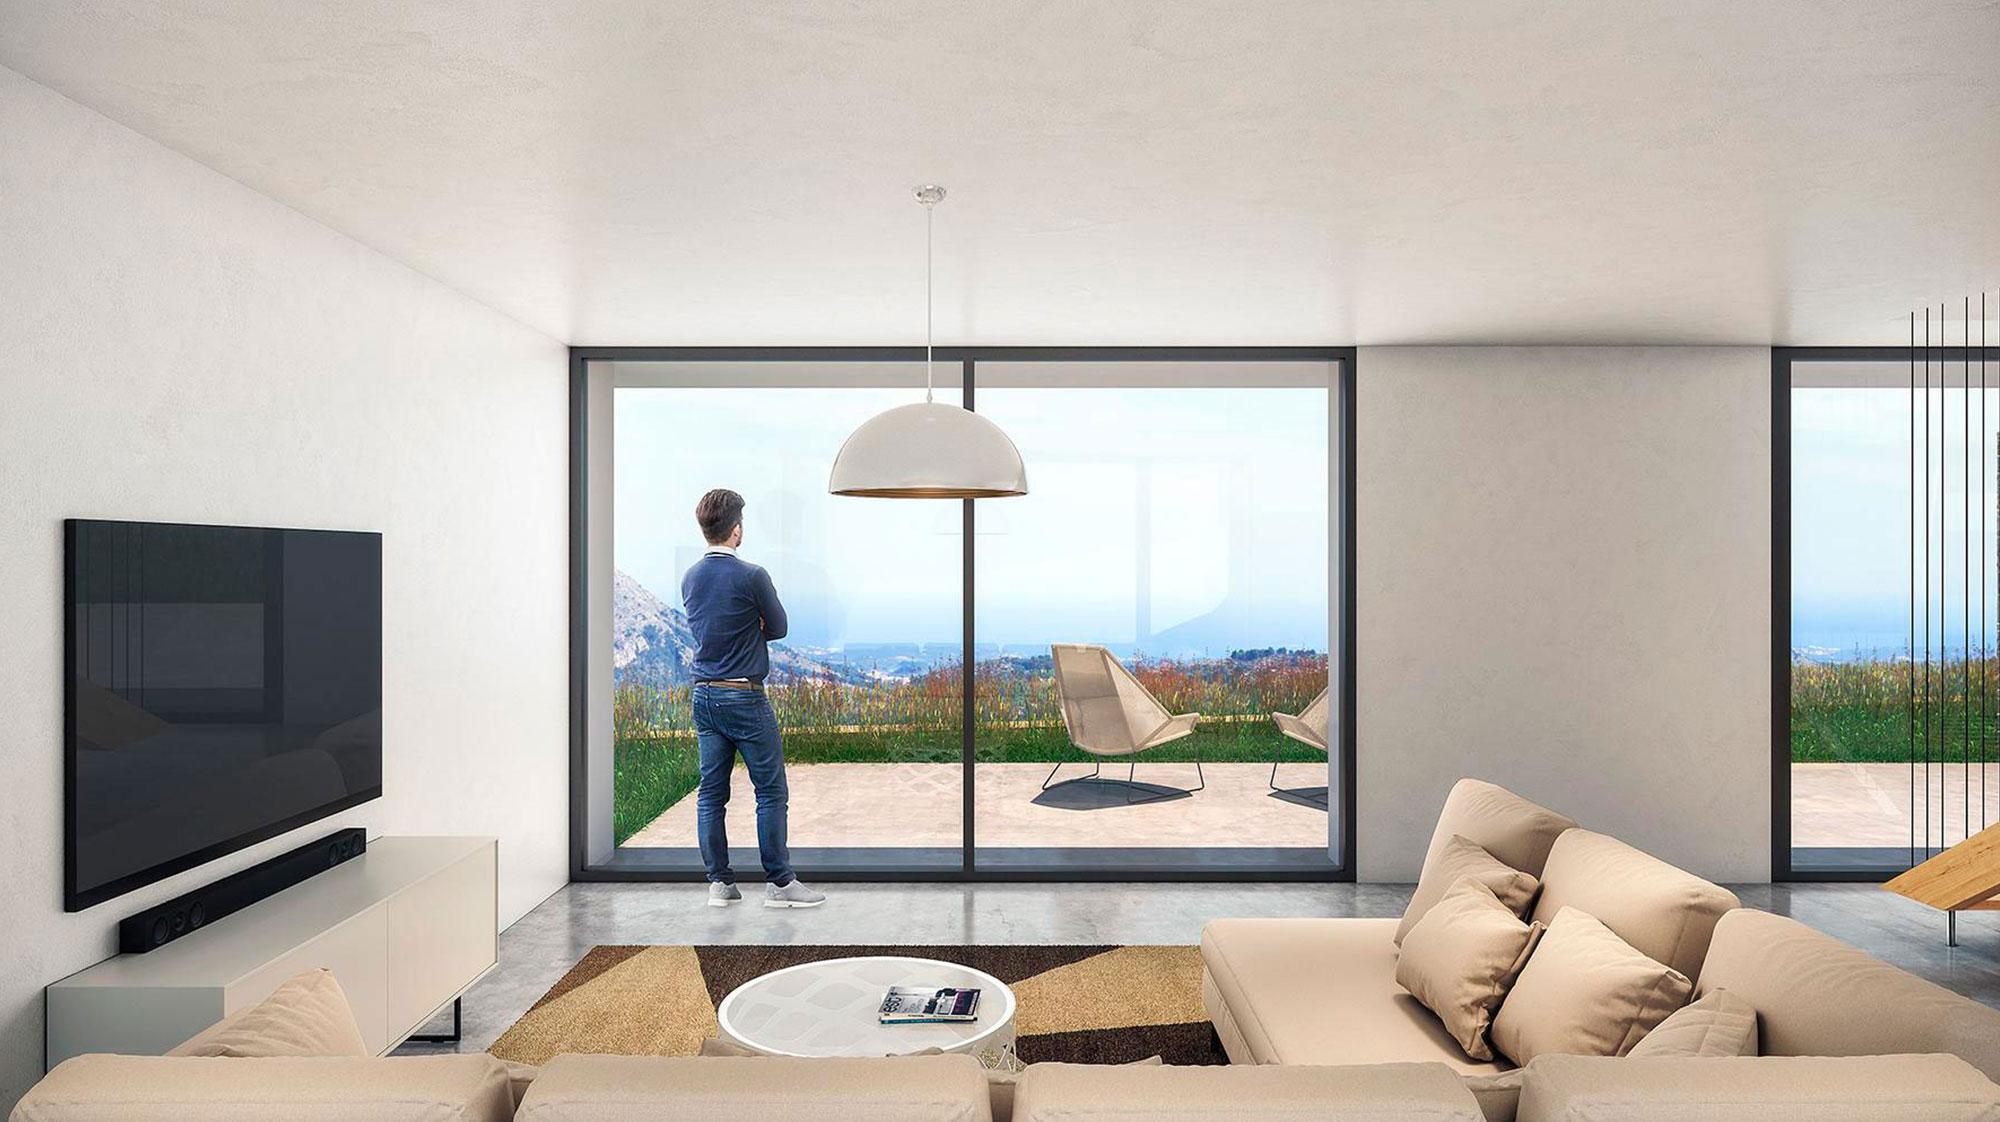 Vivienda Unifamiliar. Casas La Vall. Parcela abancalada. Arquitectos Guadalest. Arquitectos Alicante. eneseis Arquitectura